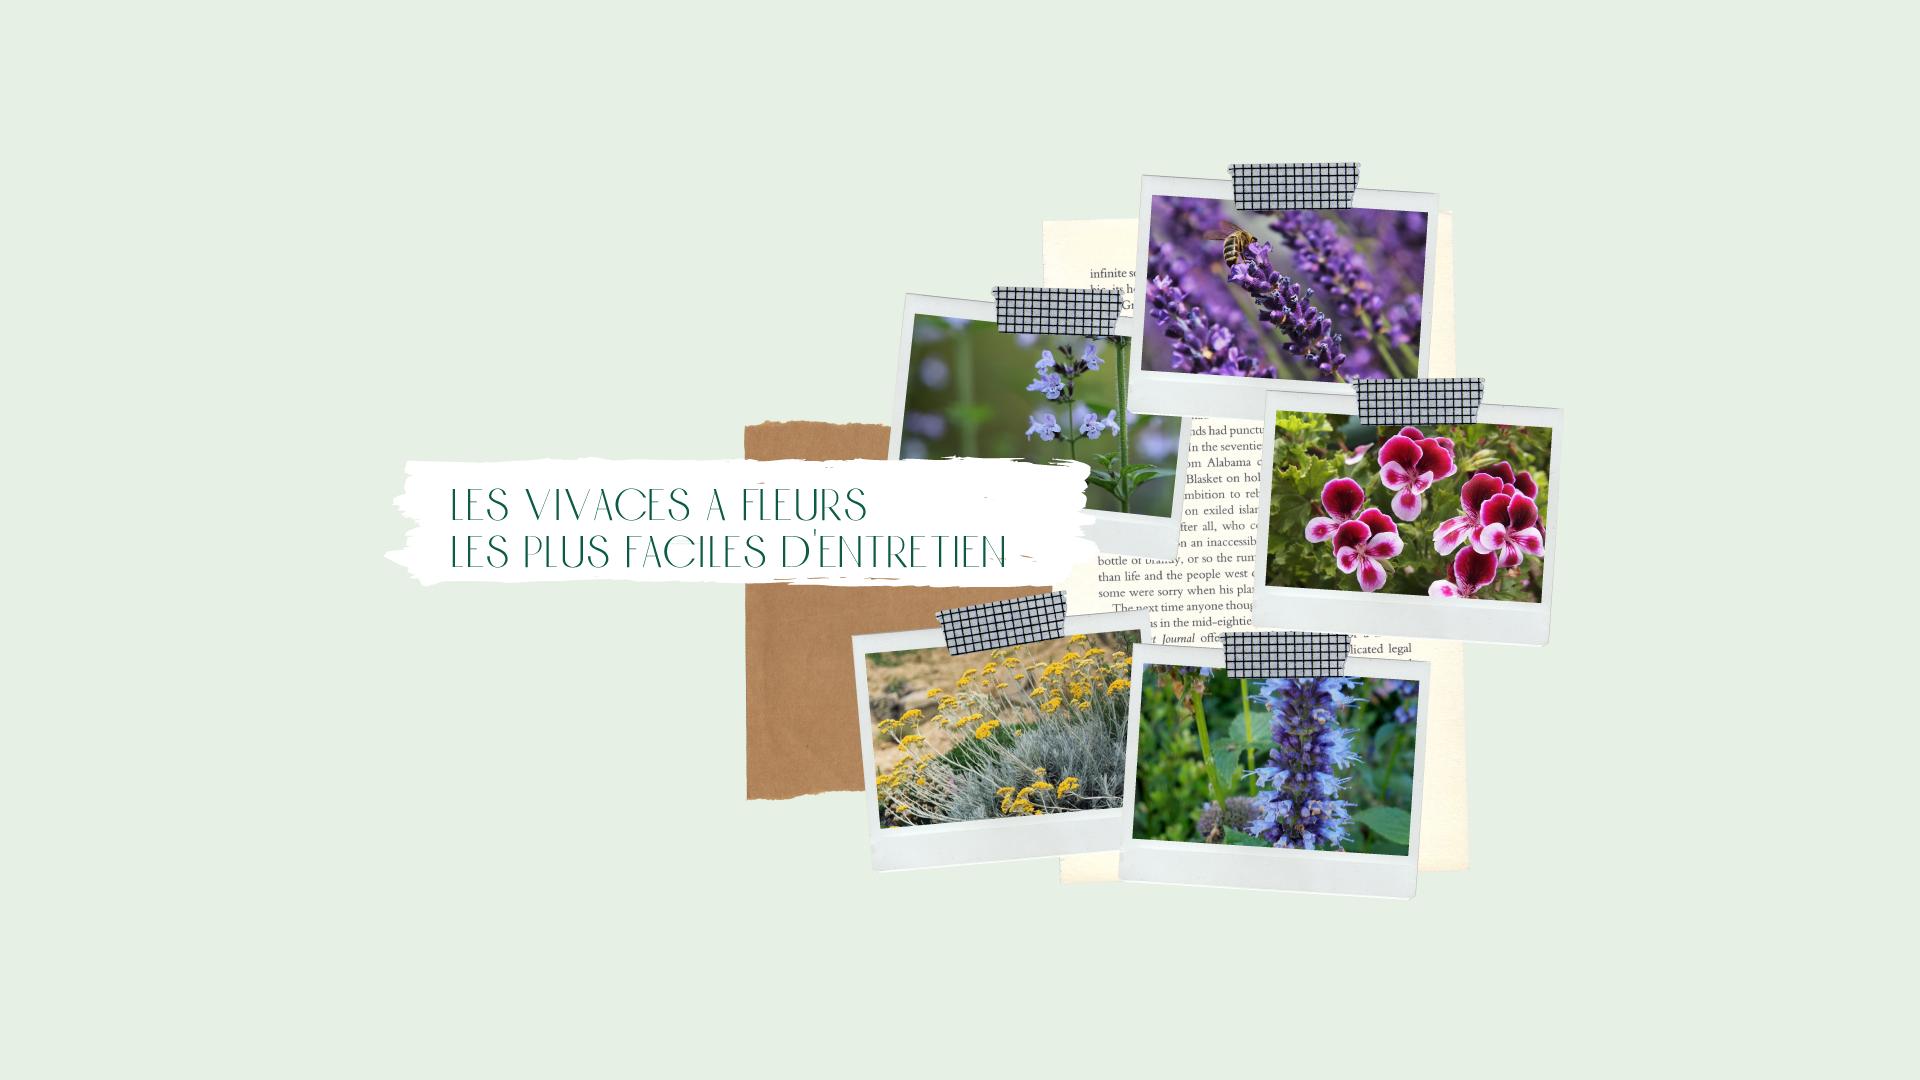 5-des-vivaces-a-fleurs-les-plus-faciles-dentretien